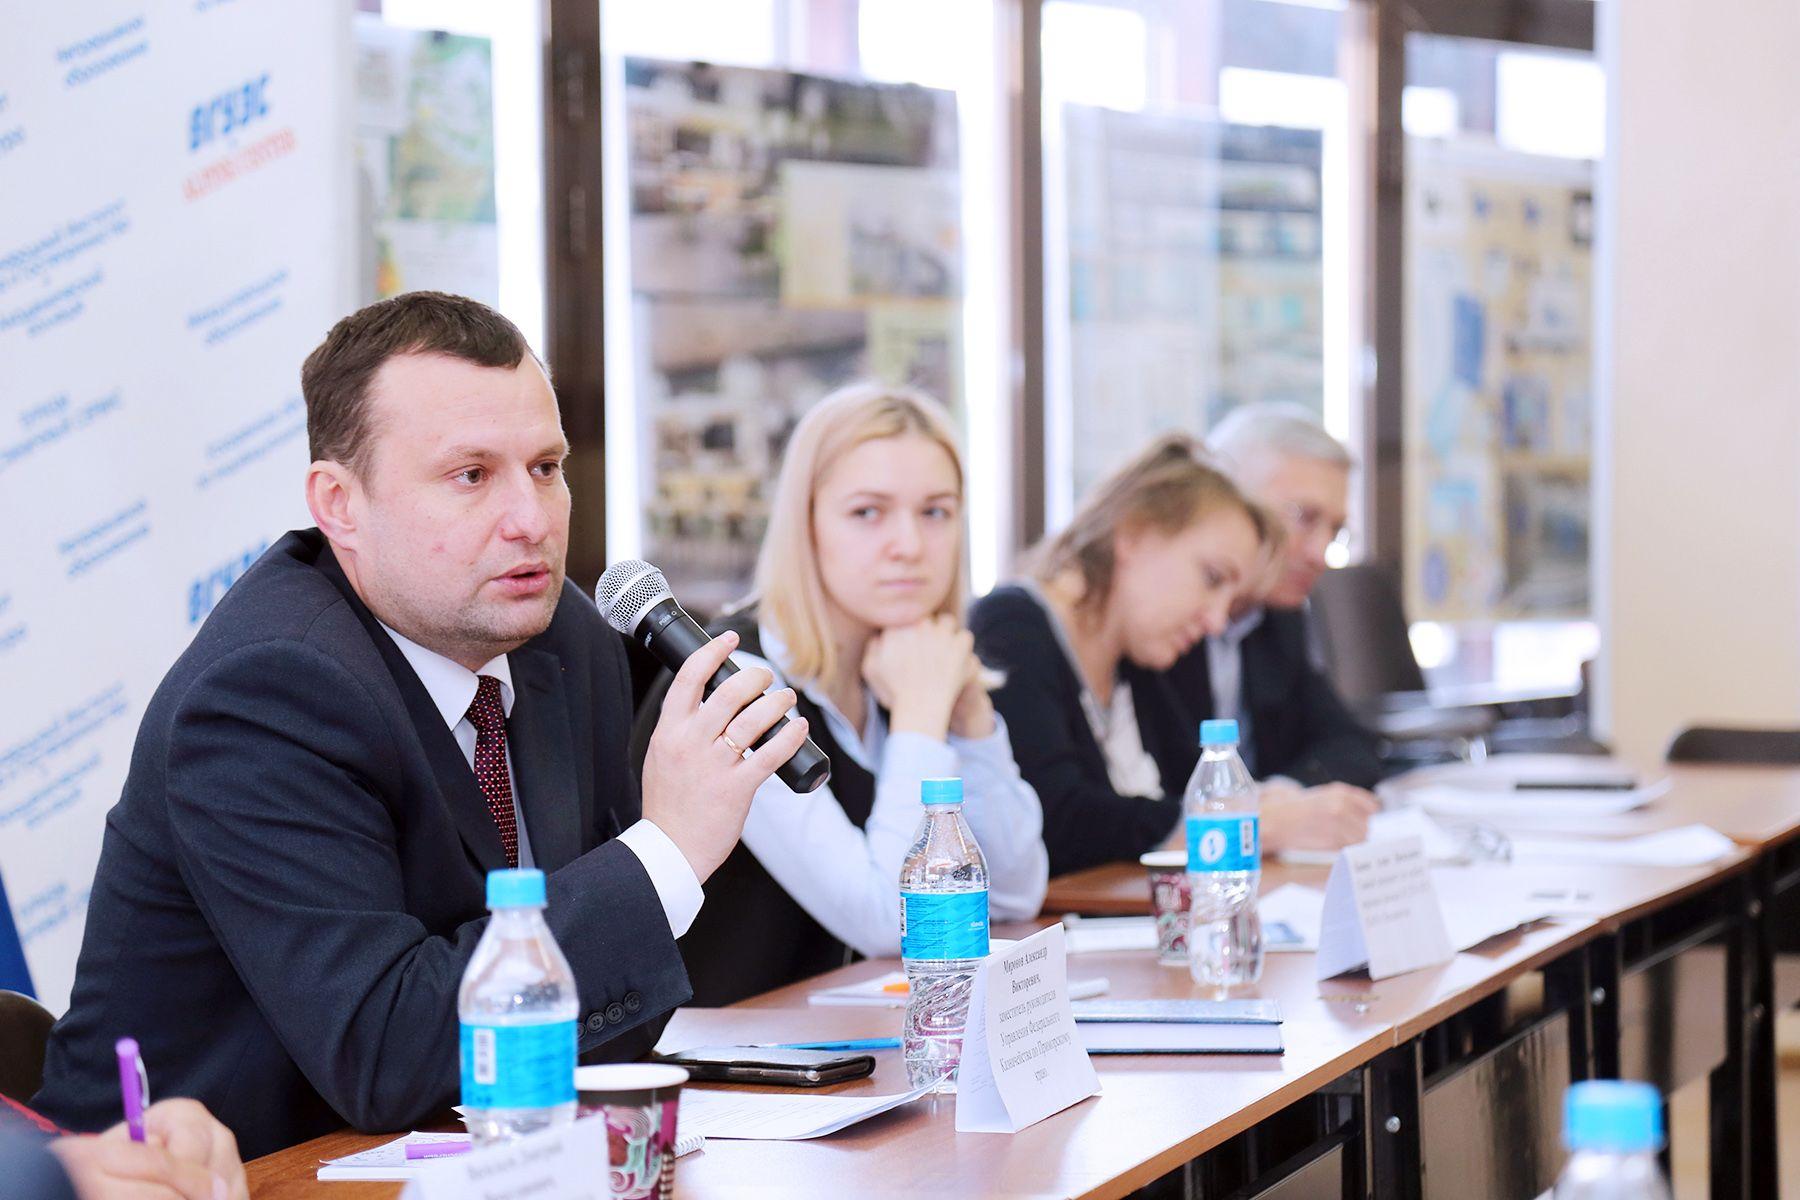 Проектная деятельность ВГУЭС: вуз договорился о вариантах сотрудничества с российскими банками